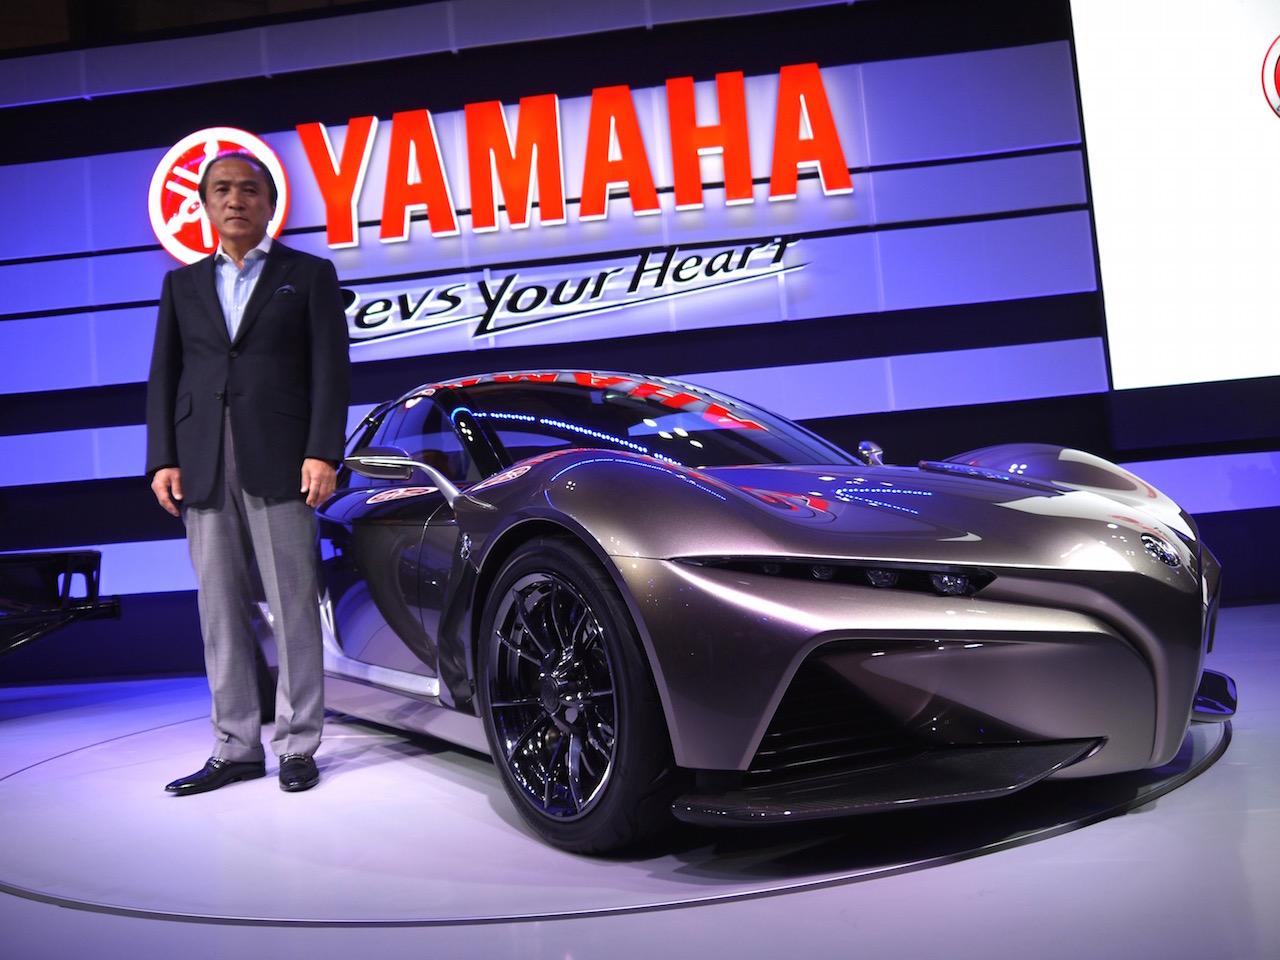 「【東京モーターショー15】ヒト型ロボットを搭載し自律走行するバイクがヤマハブースに登場」の2枚目の画像